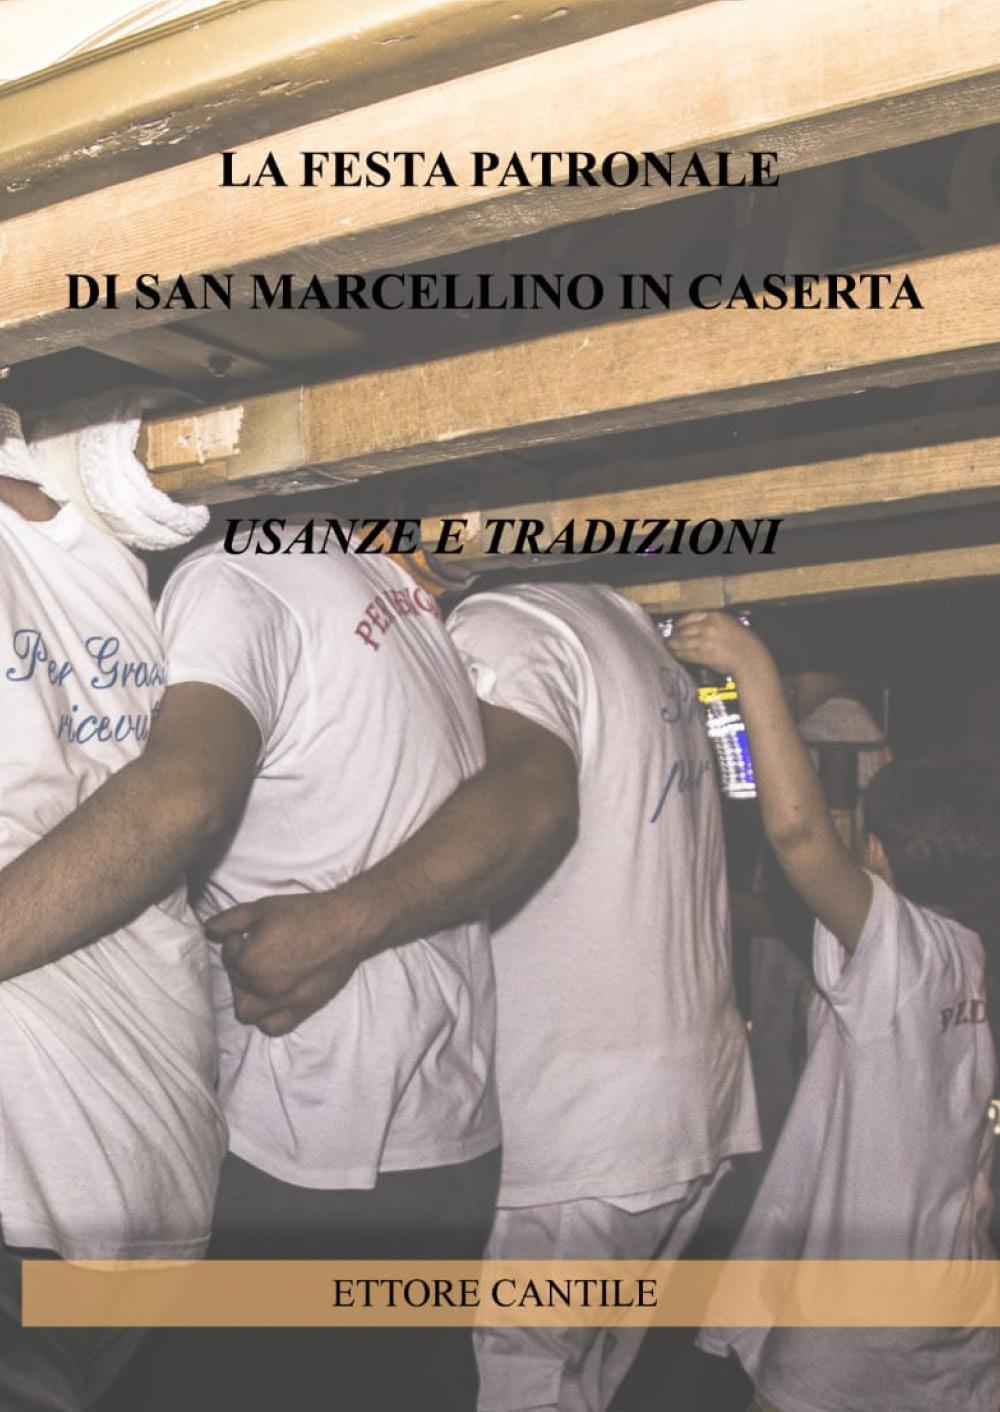 La festa patronale di San Marcellino in Caserta, usanze e tradizioni. Il ballo del santo